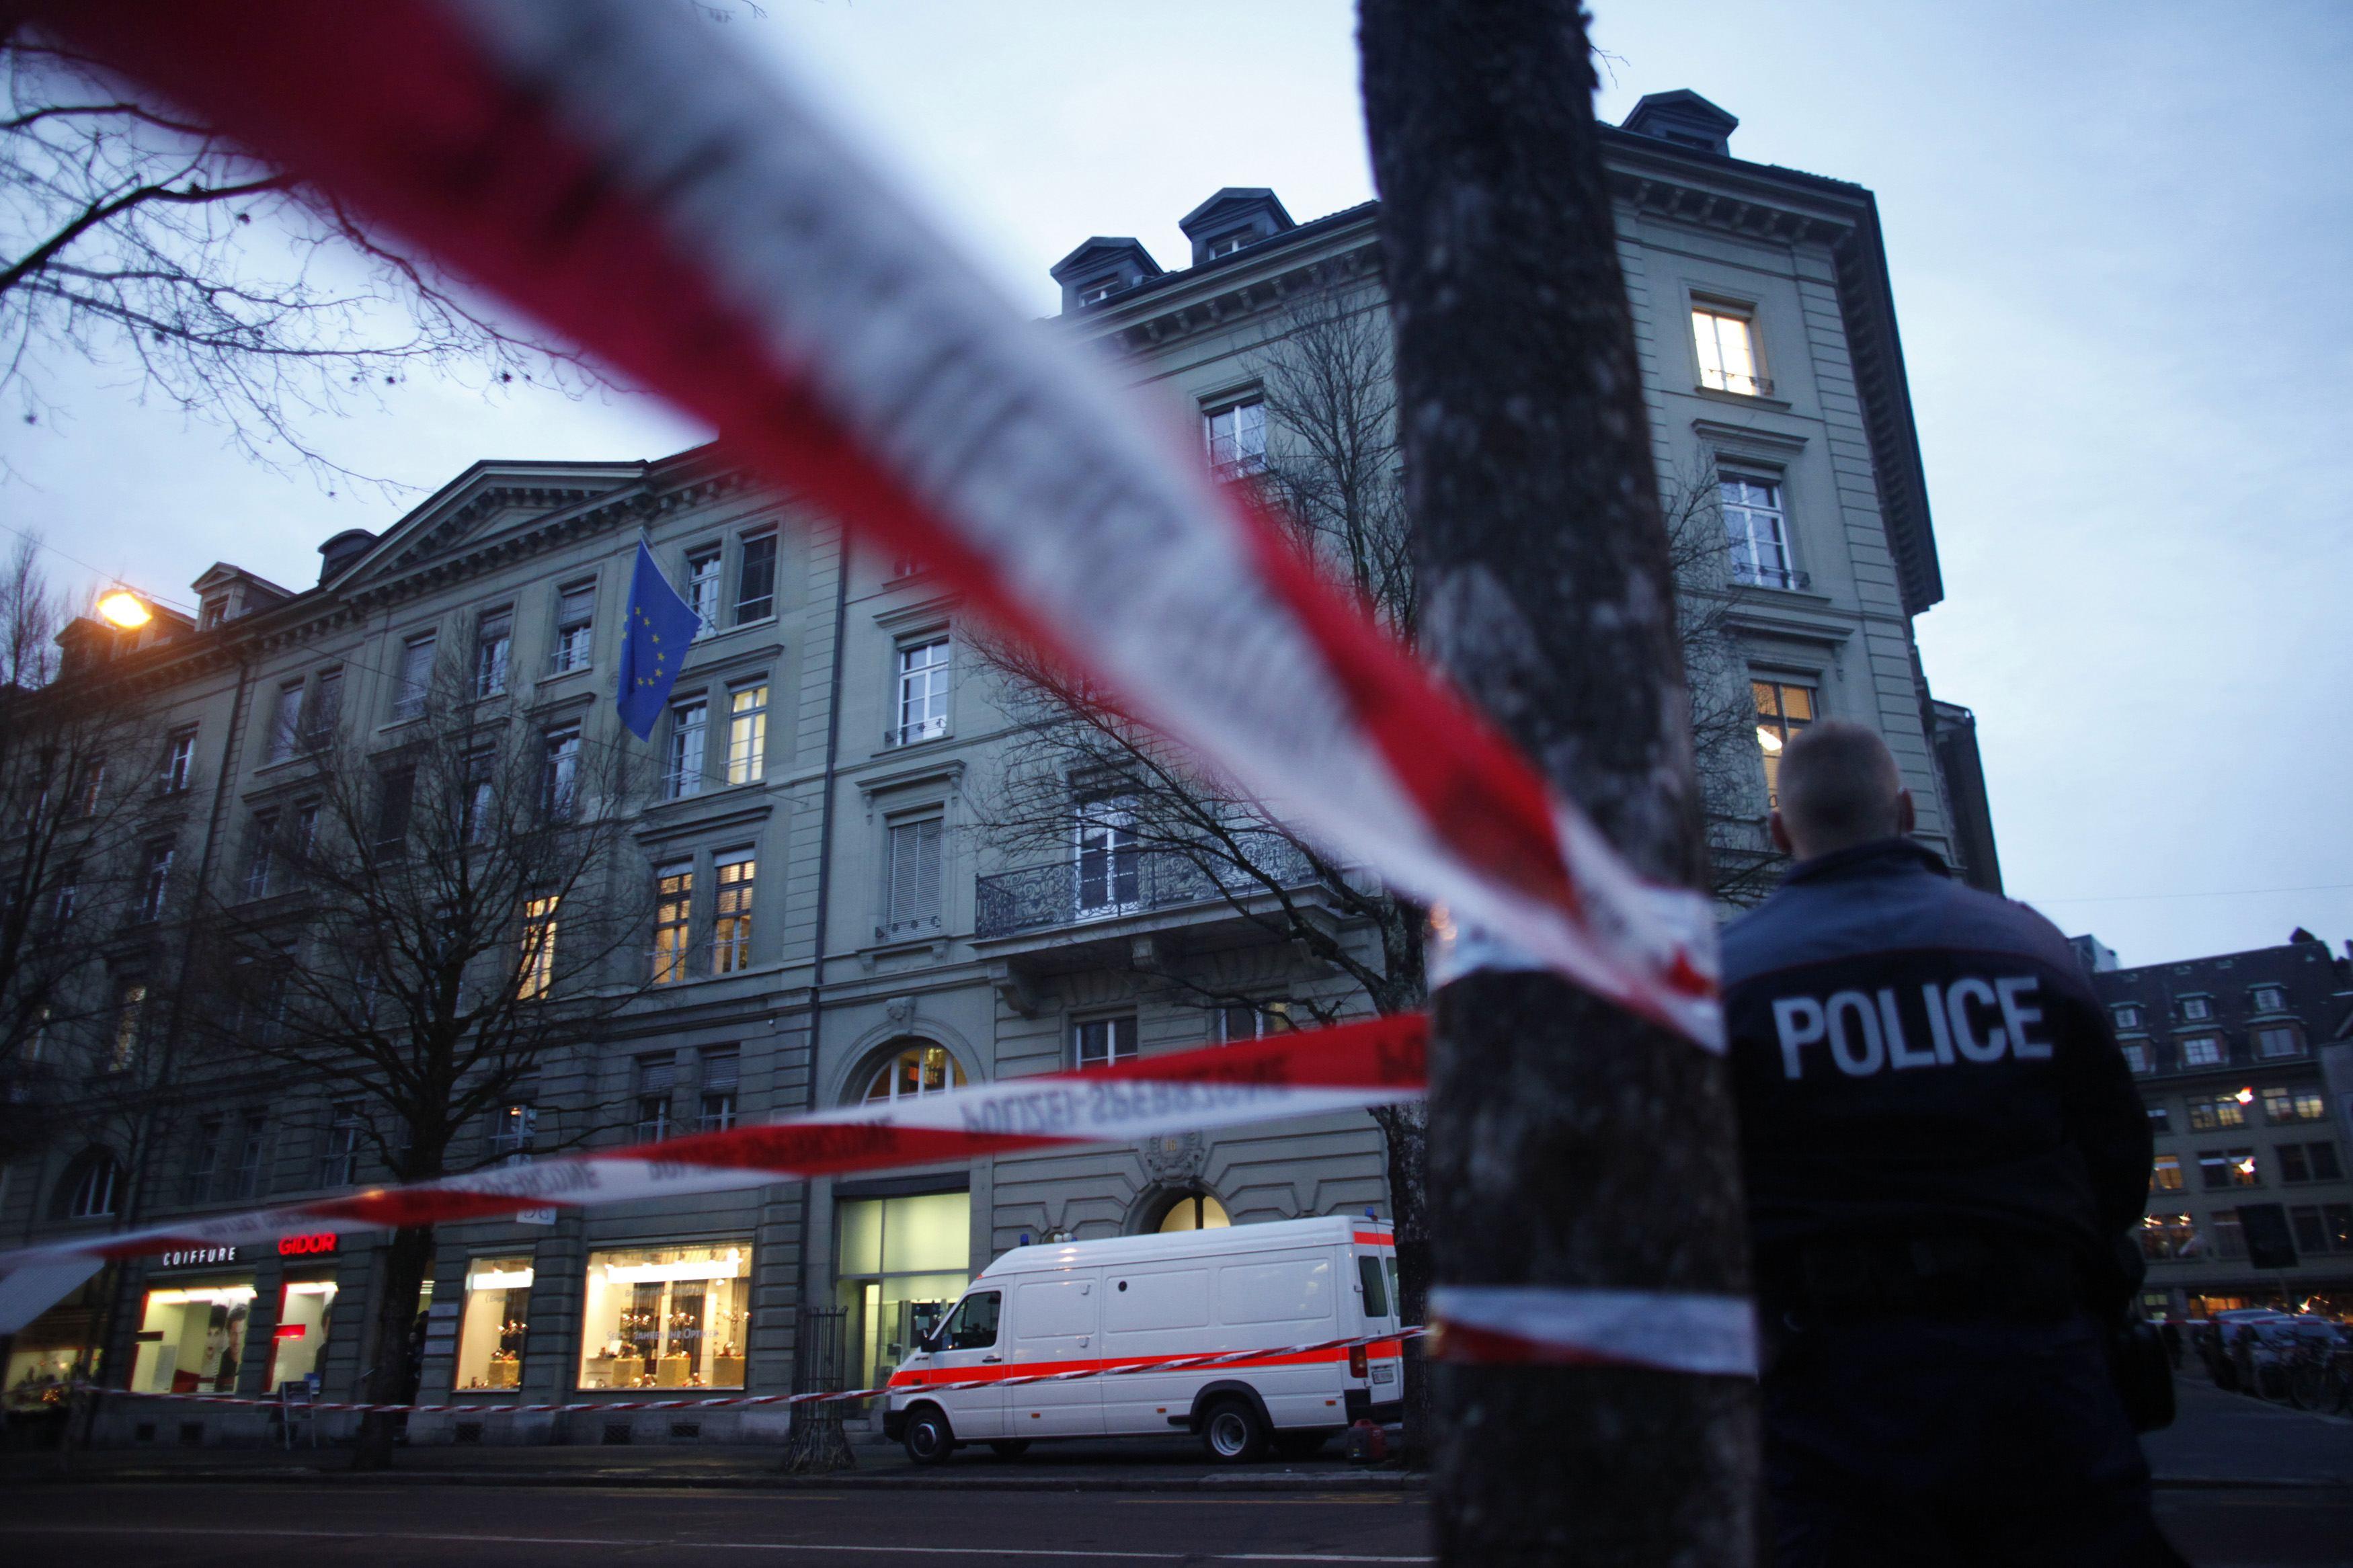 Παντού αστυνομία γύρω από το κτίριο της πρεσβείας της ΕΕ - ΦΩΤΟ REUTERS